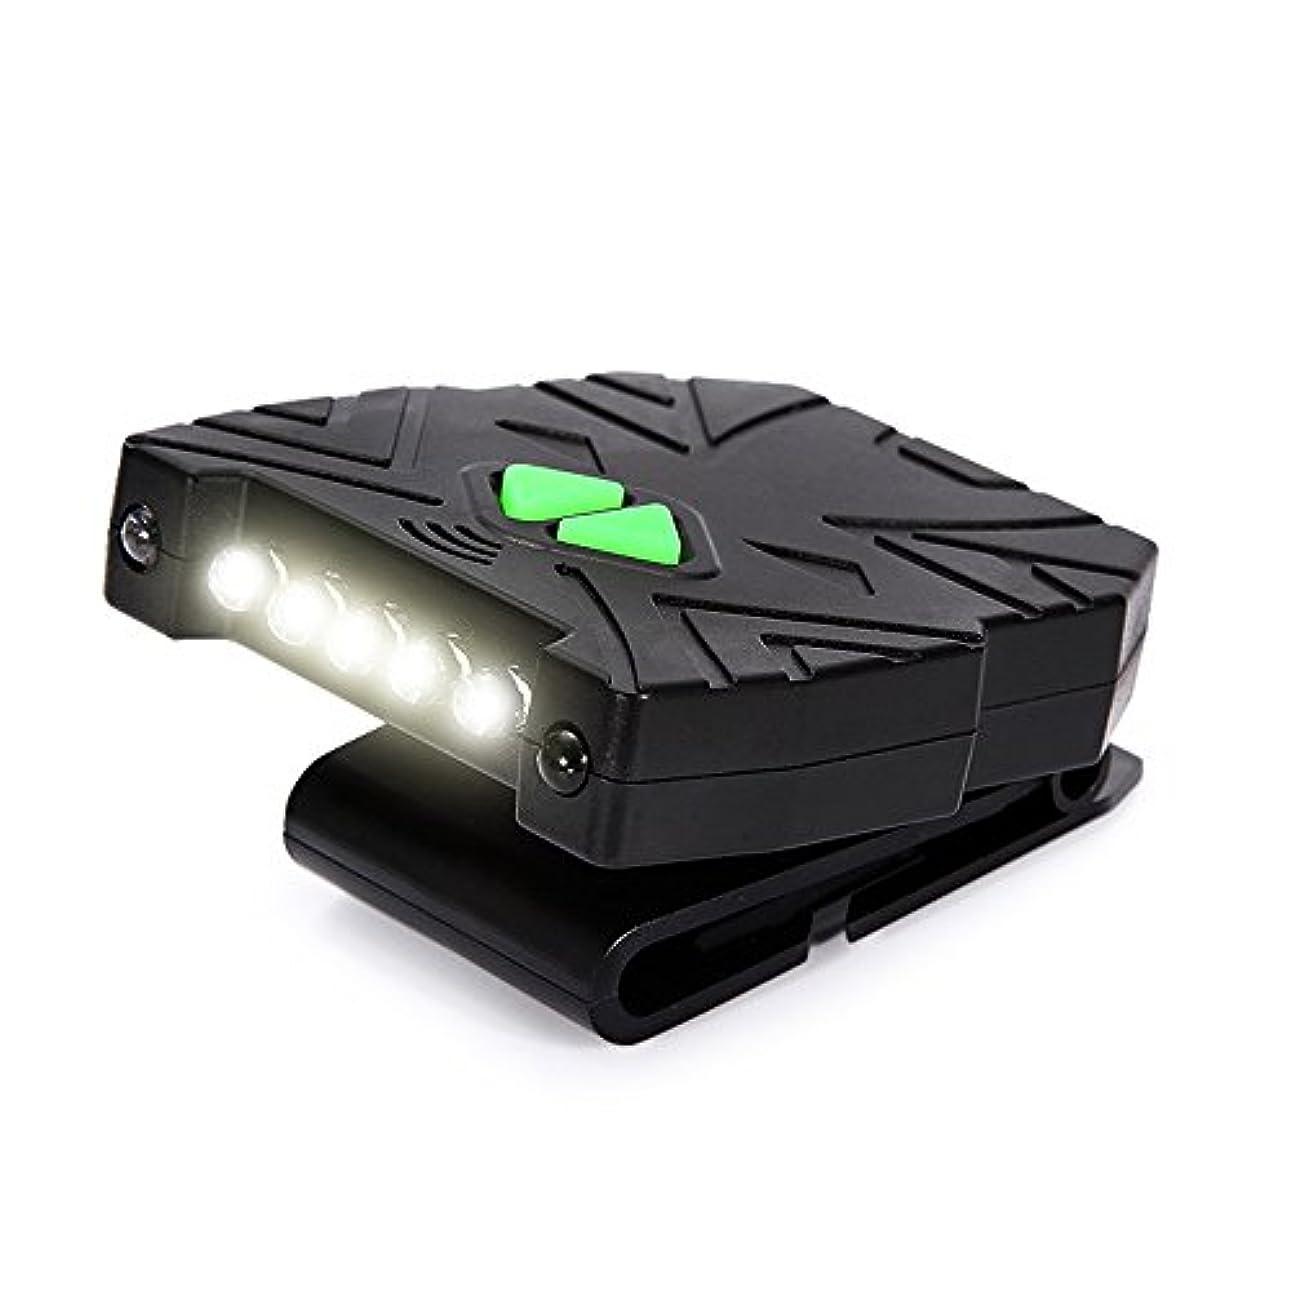 夜明け基礎理論外部MUTANG 屋外LED誘導ヘッドライトクランプキャップライトウェア充電釣り防水ヘッドランプミニライト調節可能なUSBスマート高速充電キャップライト